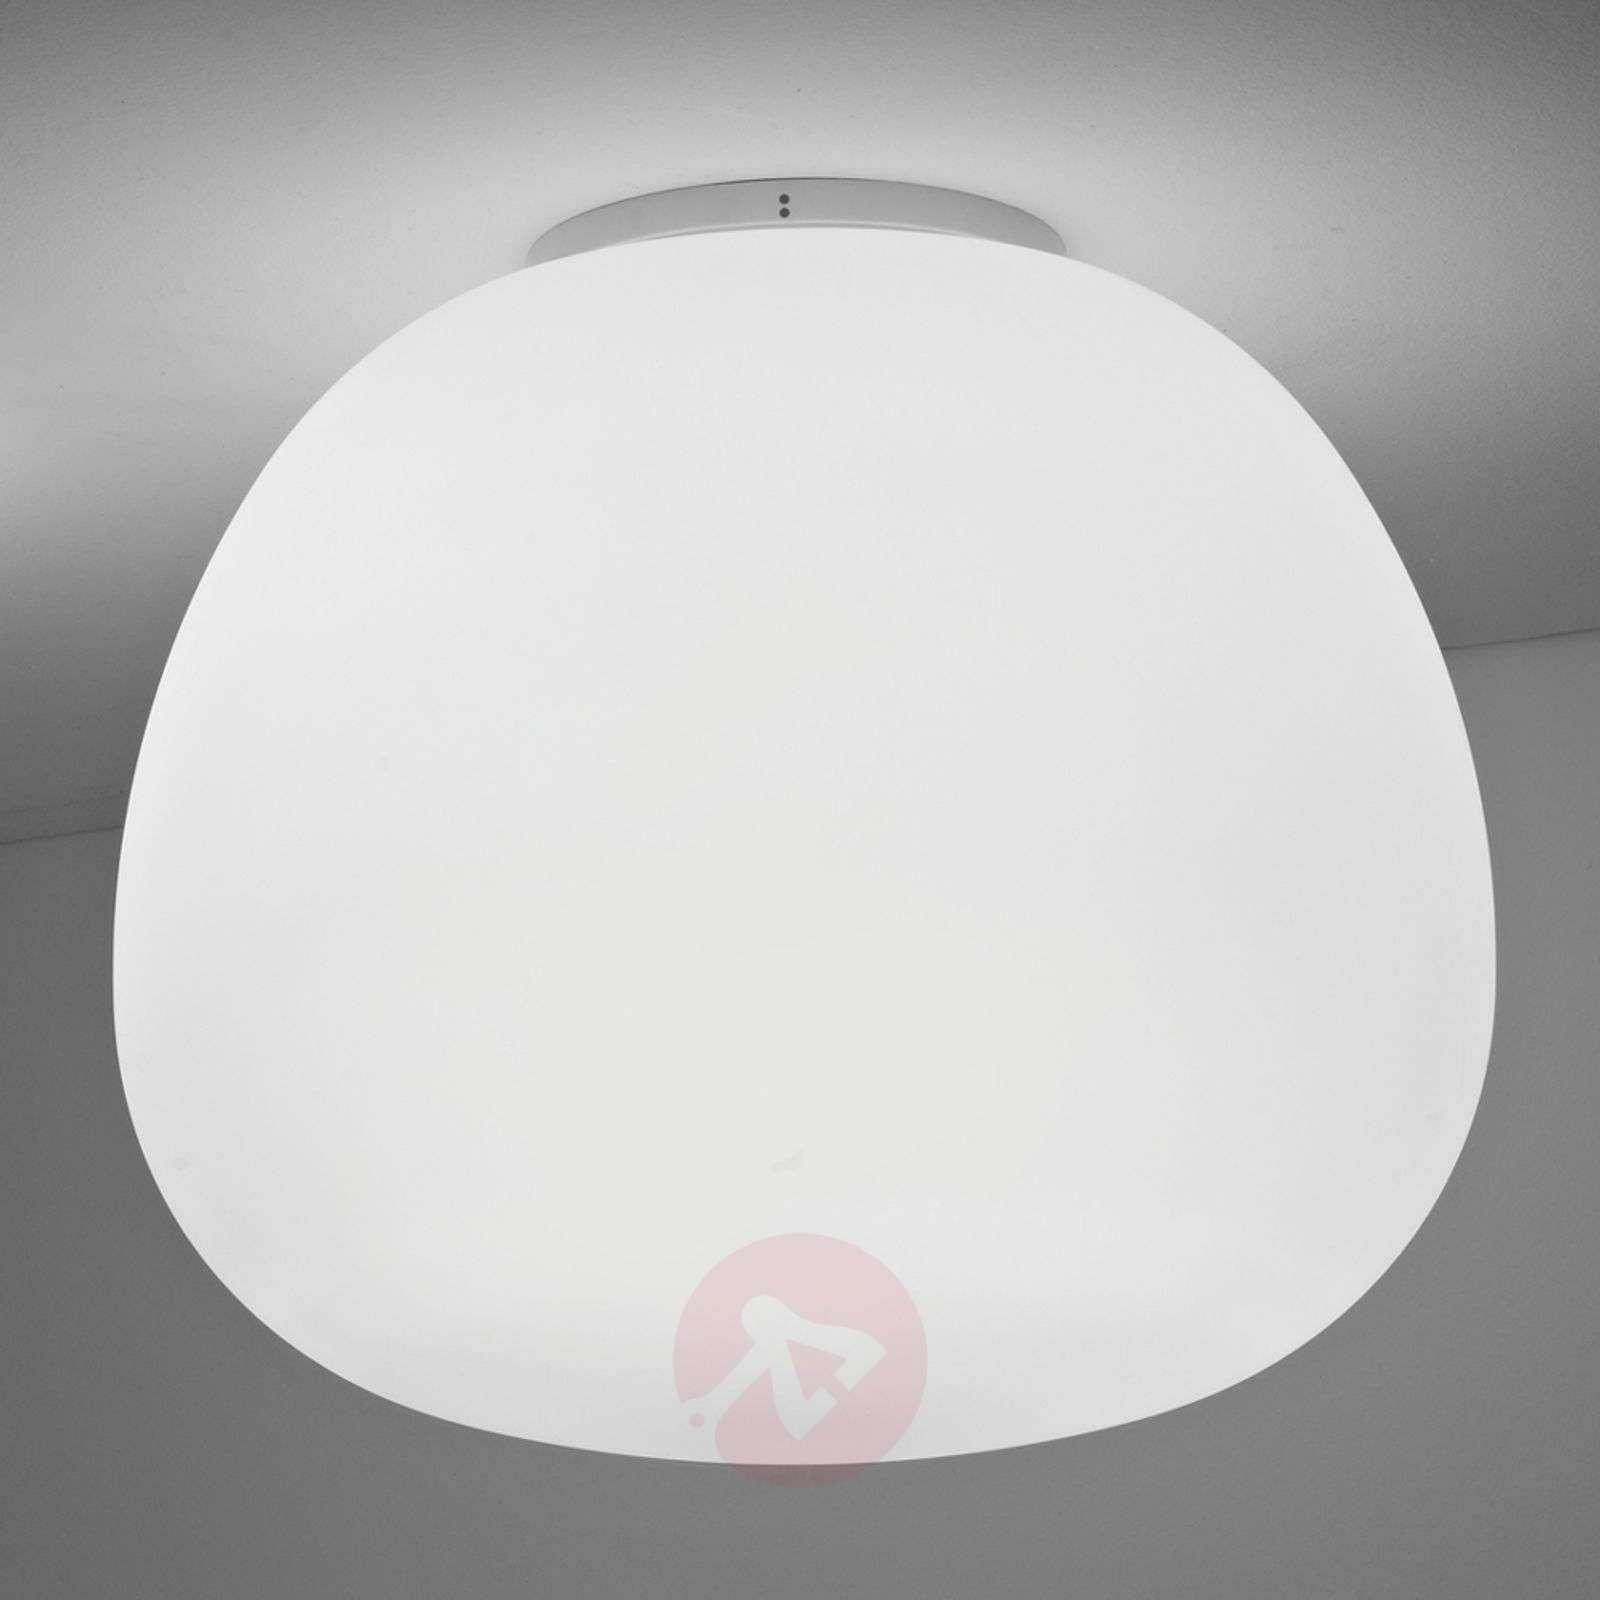 Pehmeänvalkoinen kattovalaisin Mochi E27-3503152X-01